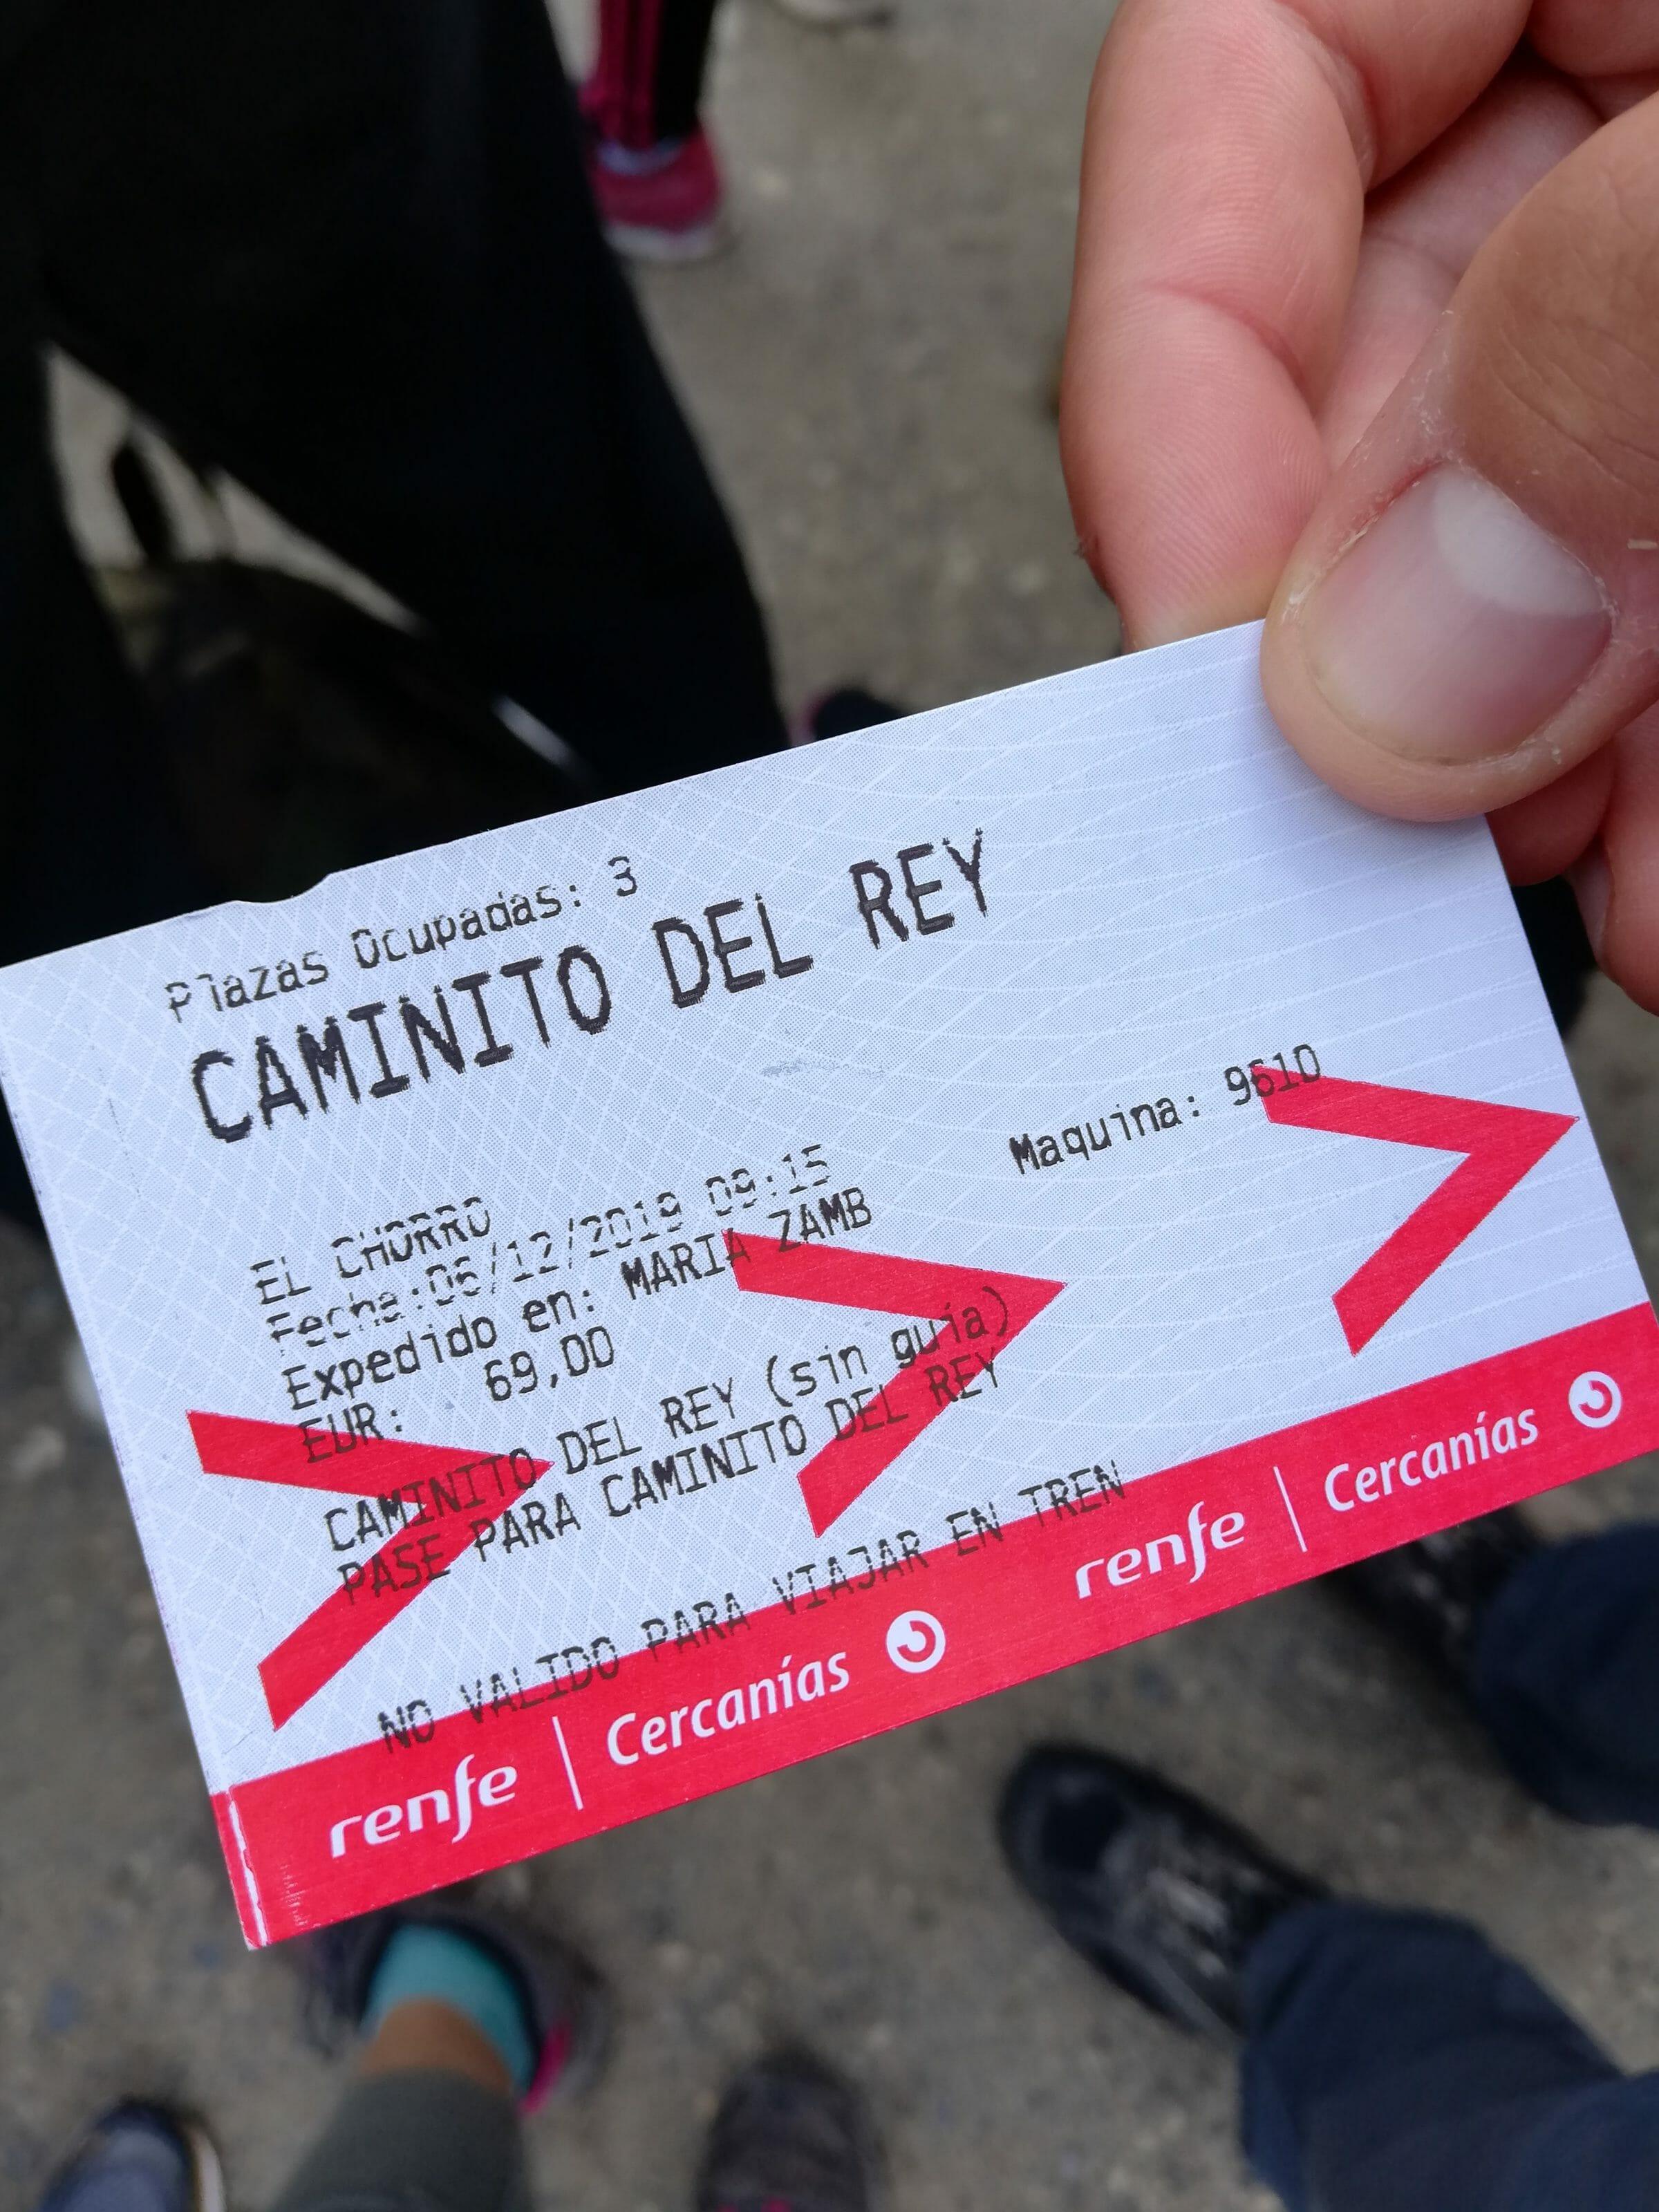 ticket entrée caminto del rey